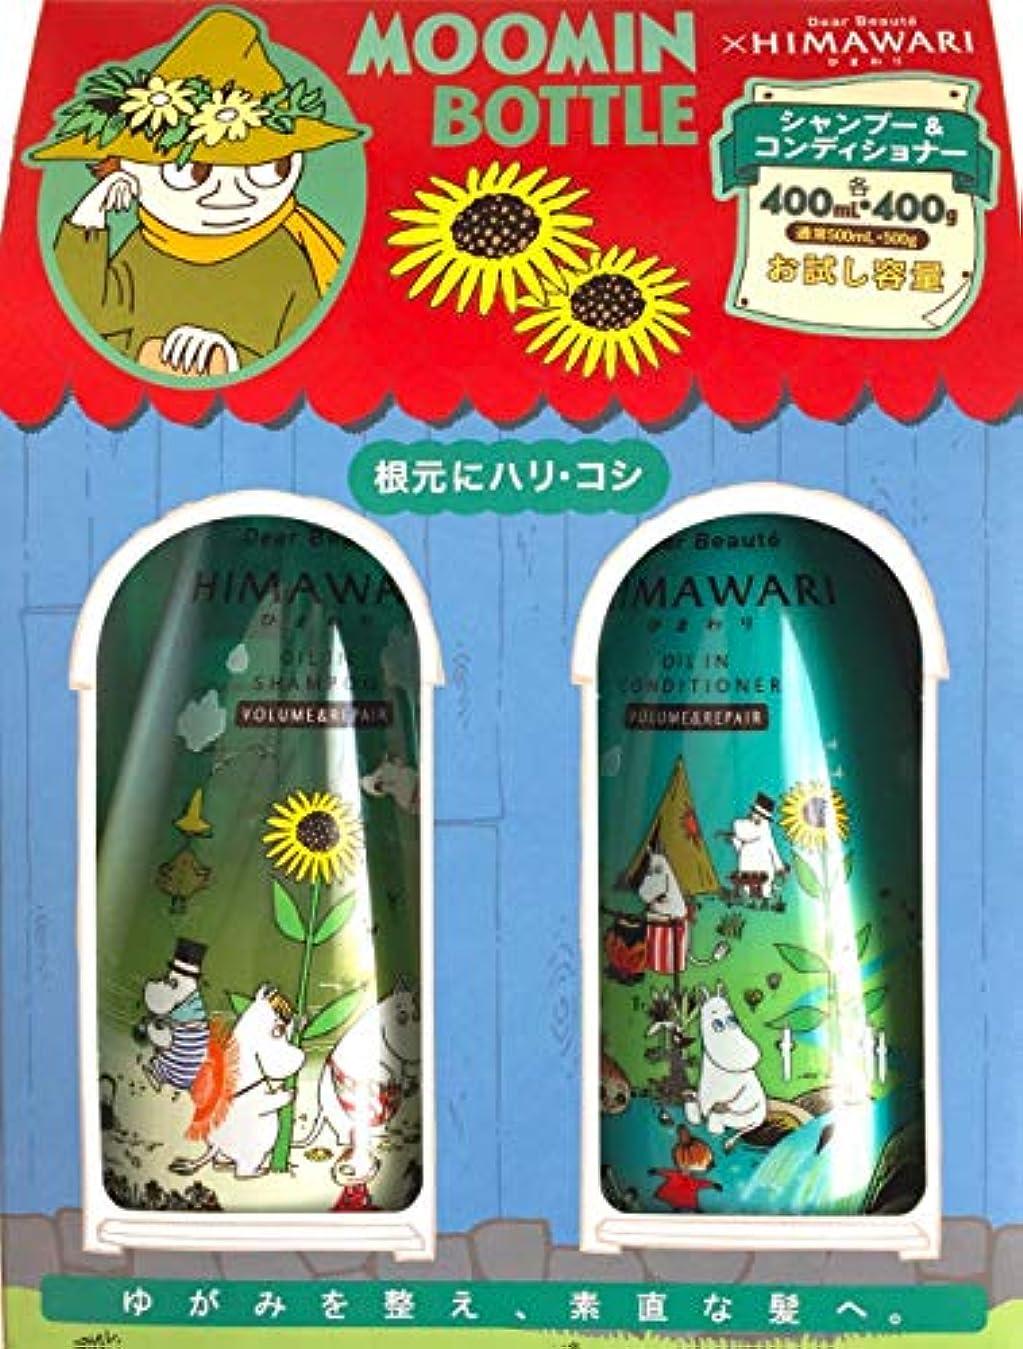 ディアボーテ HIMAWARI(ヒマワリ) ボリューム&リペア ムーミンデザイン おタメし容量ペアセット 400ml+400g